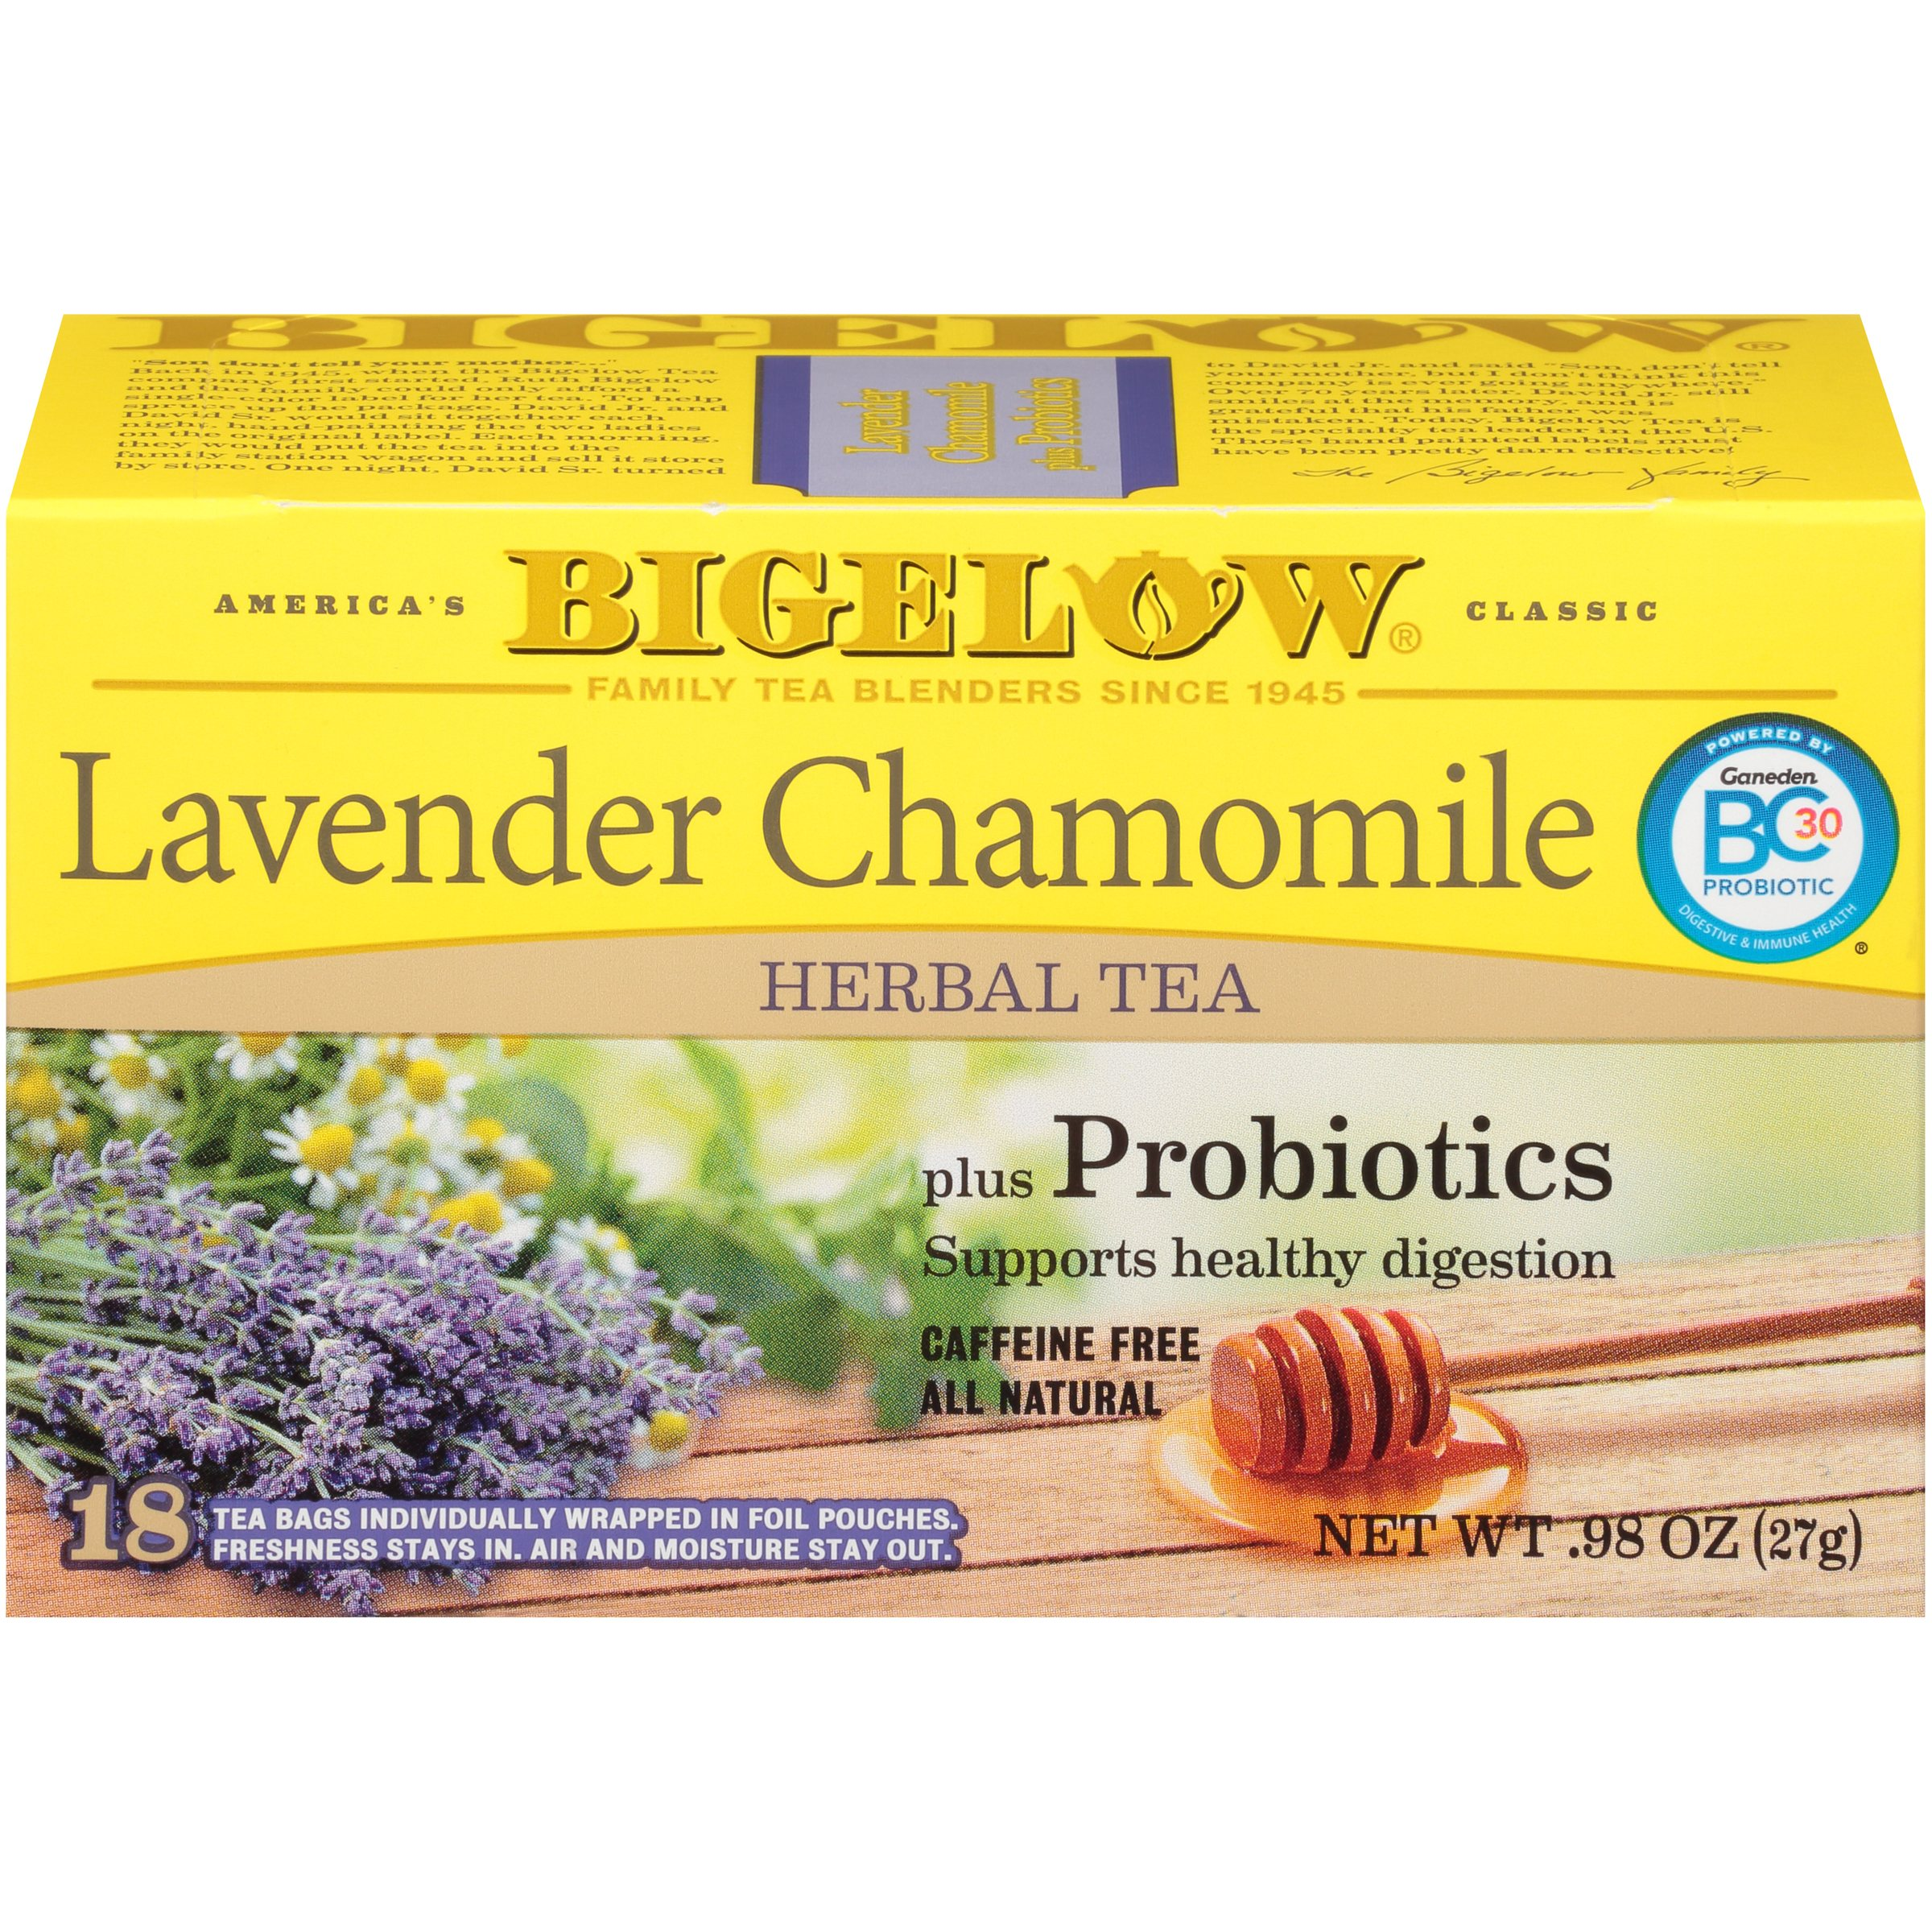 Bigelow® Lavender Chamomile Herbal Tea plus Probiotics 18 ct Pouches